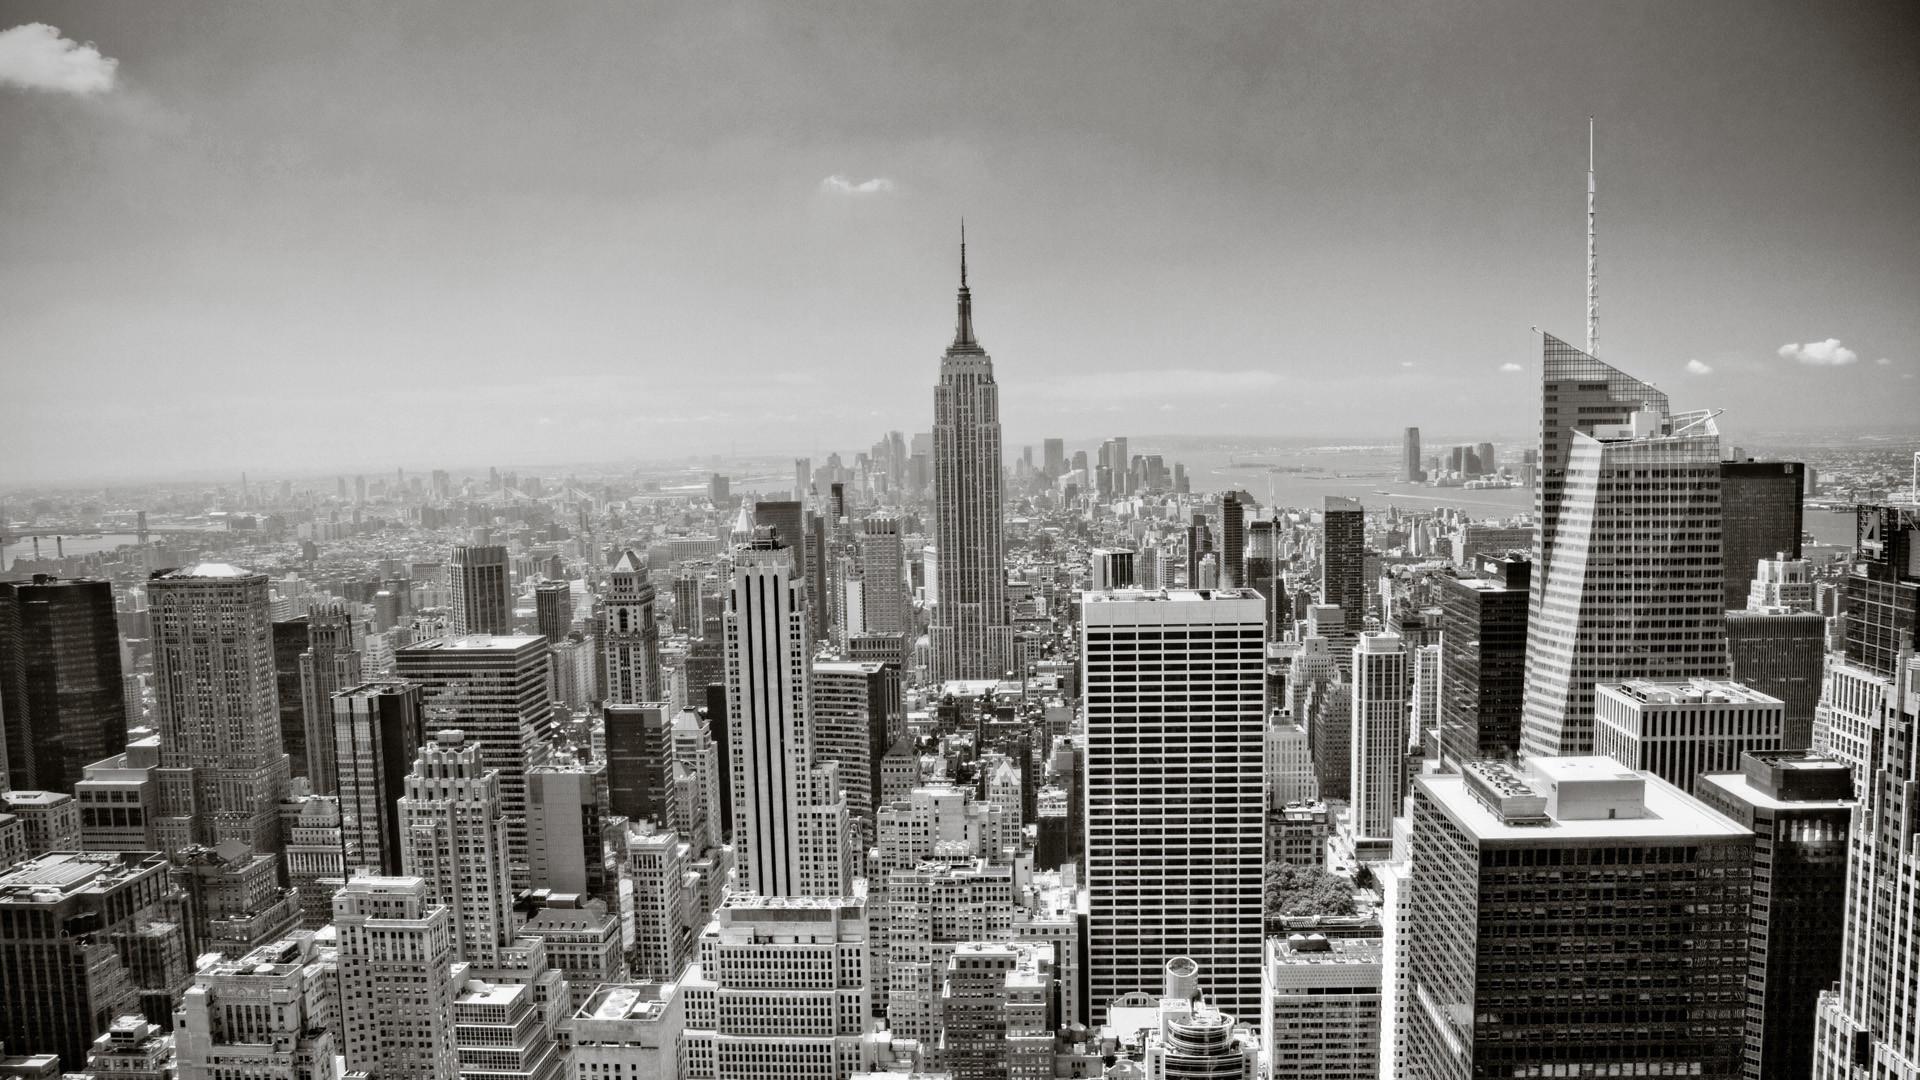 2400x1600 Central Park Manhattan New York Desktop Background